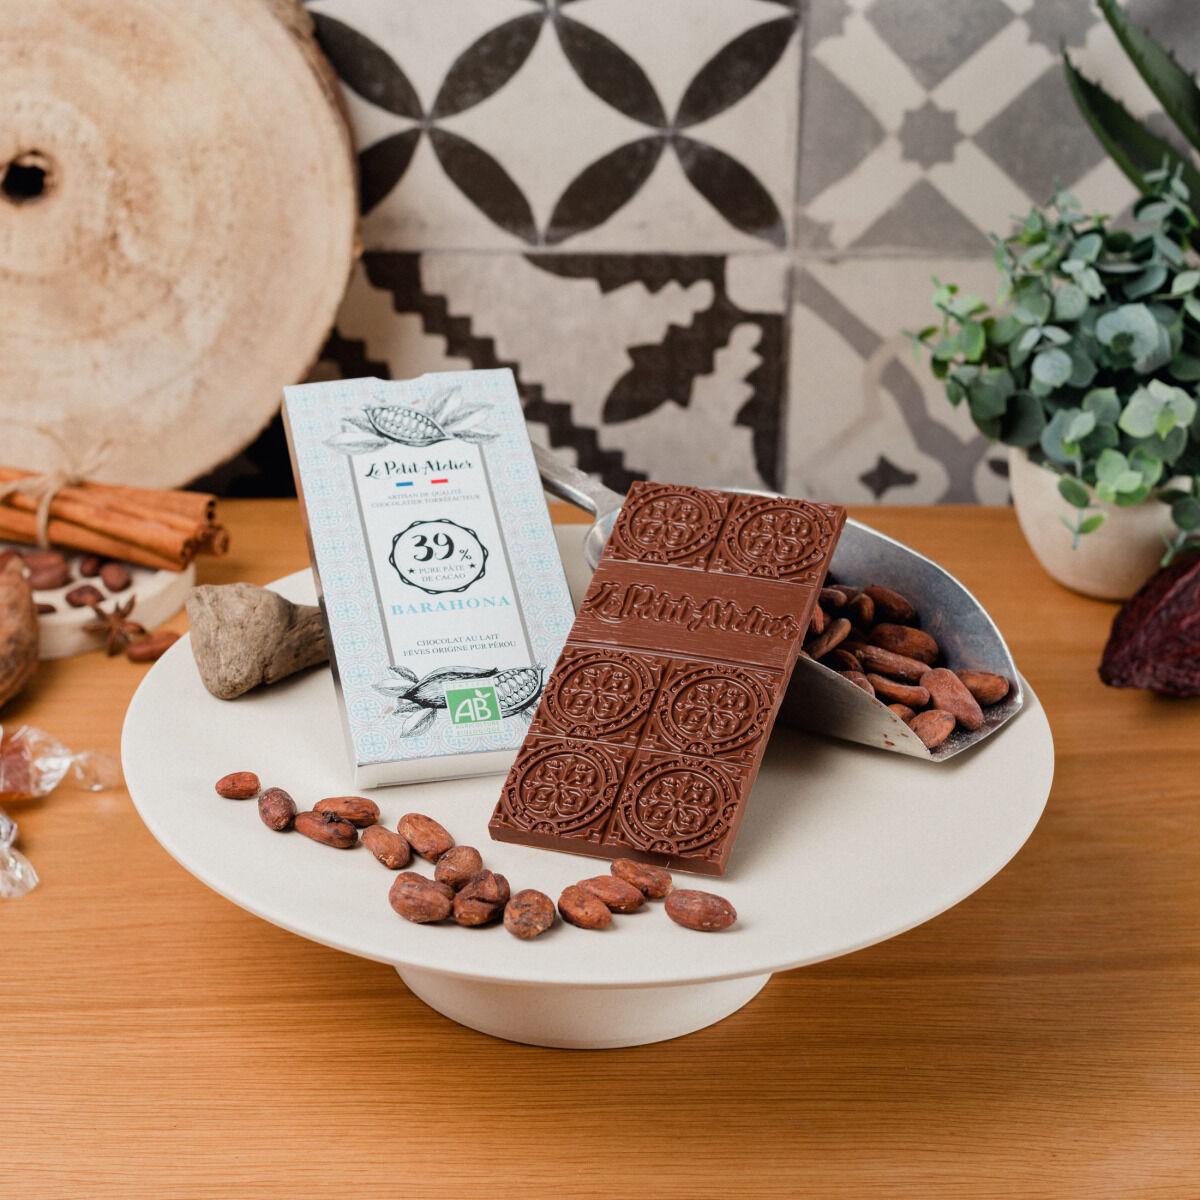 Le Petit Atelier Tablette De Chocolat Au Lait Bio Barahona 39%